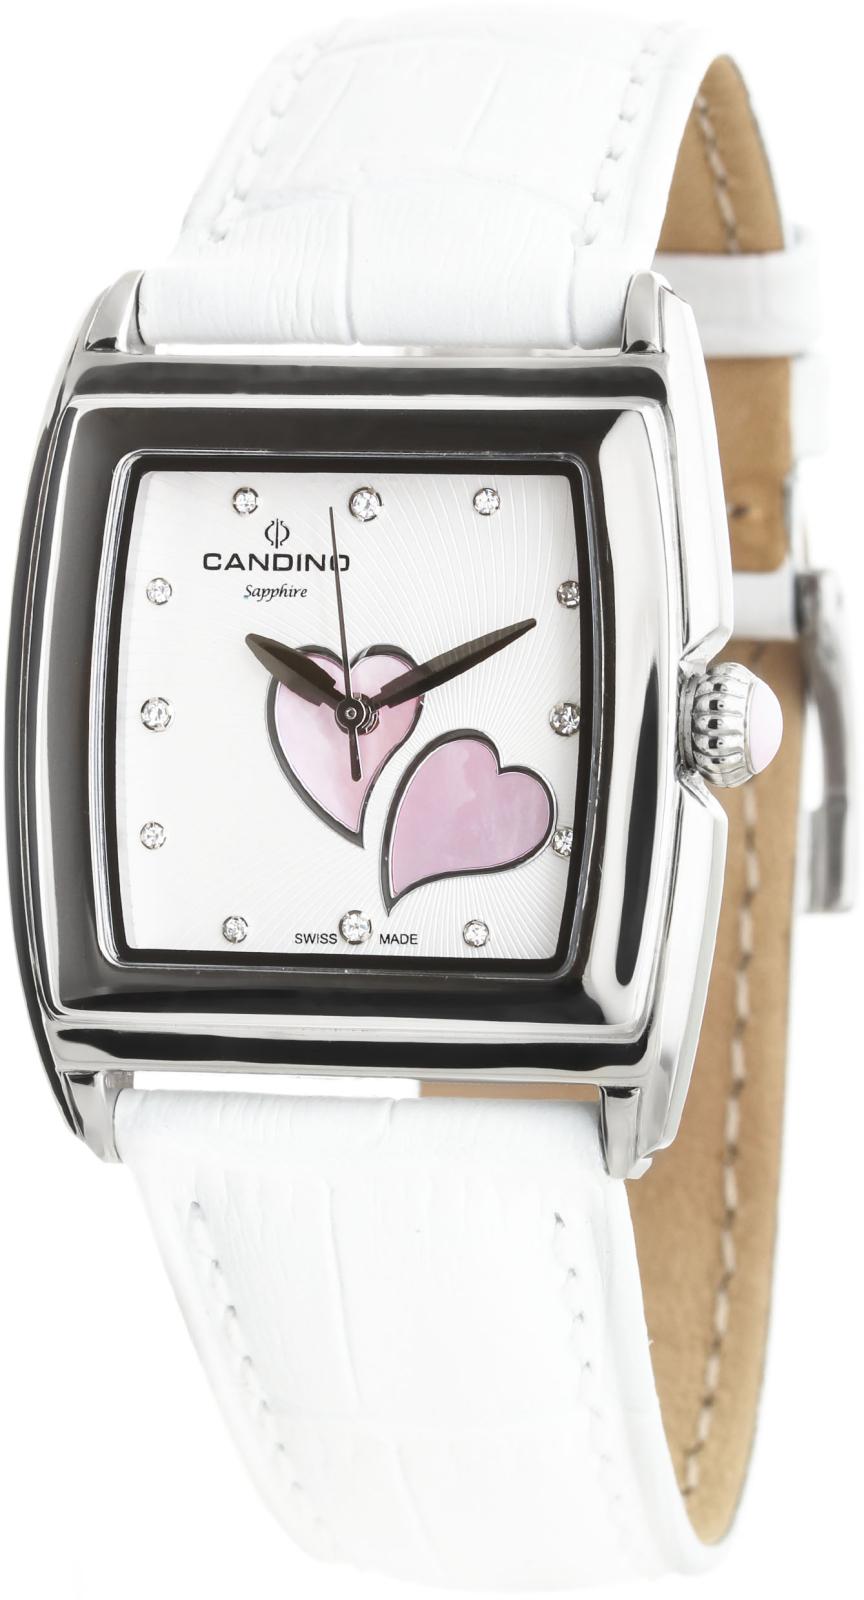 Candino Elegance  C4475/2Наручные часы<br>Швейцарские часы Candino Elegance C4475/2Данная модель &amp;mdash; яркий представитель коллекции Elegance . Это великолепные женские часы. Материал корпуса часов &amp;mdash; сталь. Циферблат часов защищает сапфировое стекло. Водозащита - 50 м.<br><br>Пол: Женские<br>Страна-производитель: Швейцария<br>Механизм: Кварцевый<br>Материал корпуса: Сталь<br>Материал ремня/браслета: Кожа<br>Водозащита, диапазон: 20 - 100 м<br>Стекло: Сапфировое<br>Толщина корпуса: None<br>Стиль: None